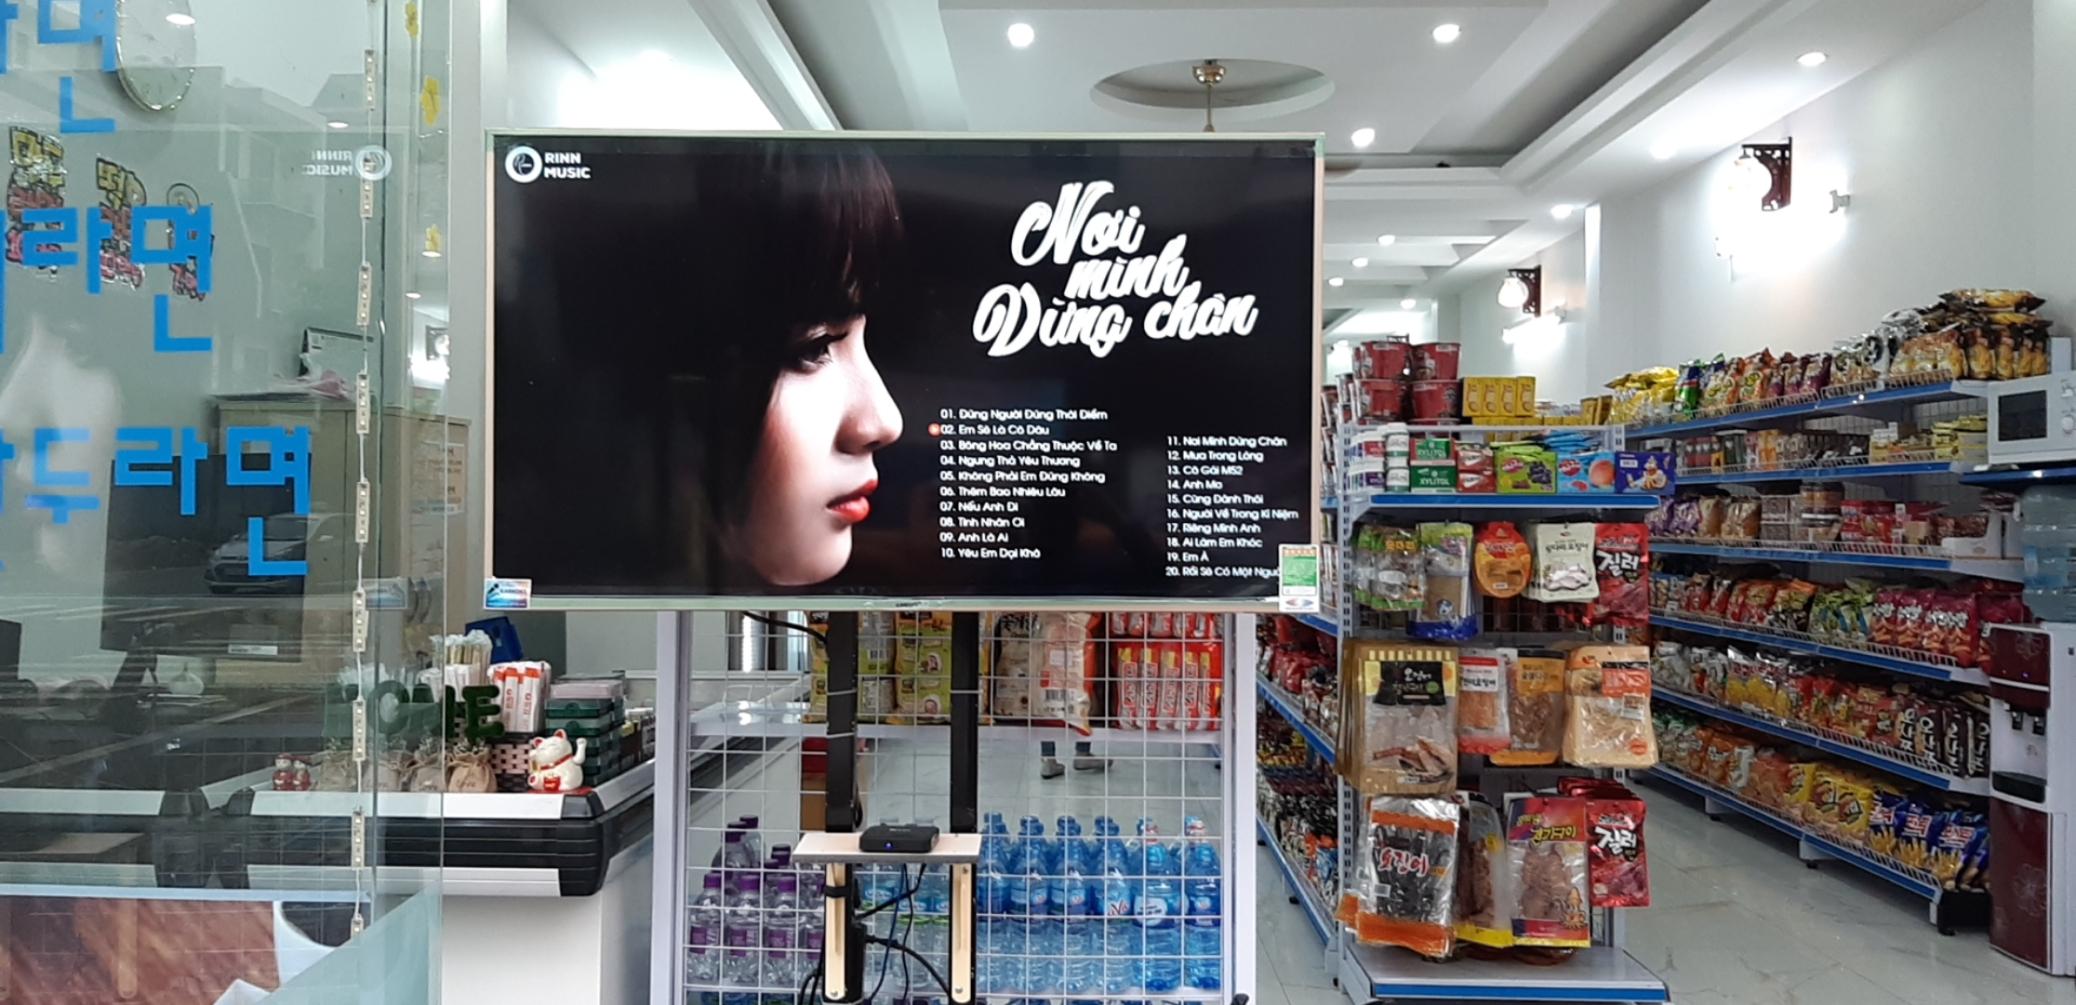 Thi công hệ thống camera quan sát cho cửa hàng HomeMart